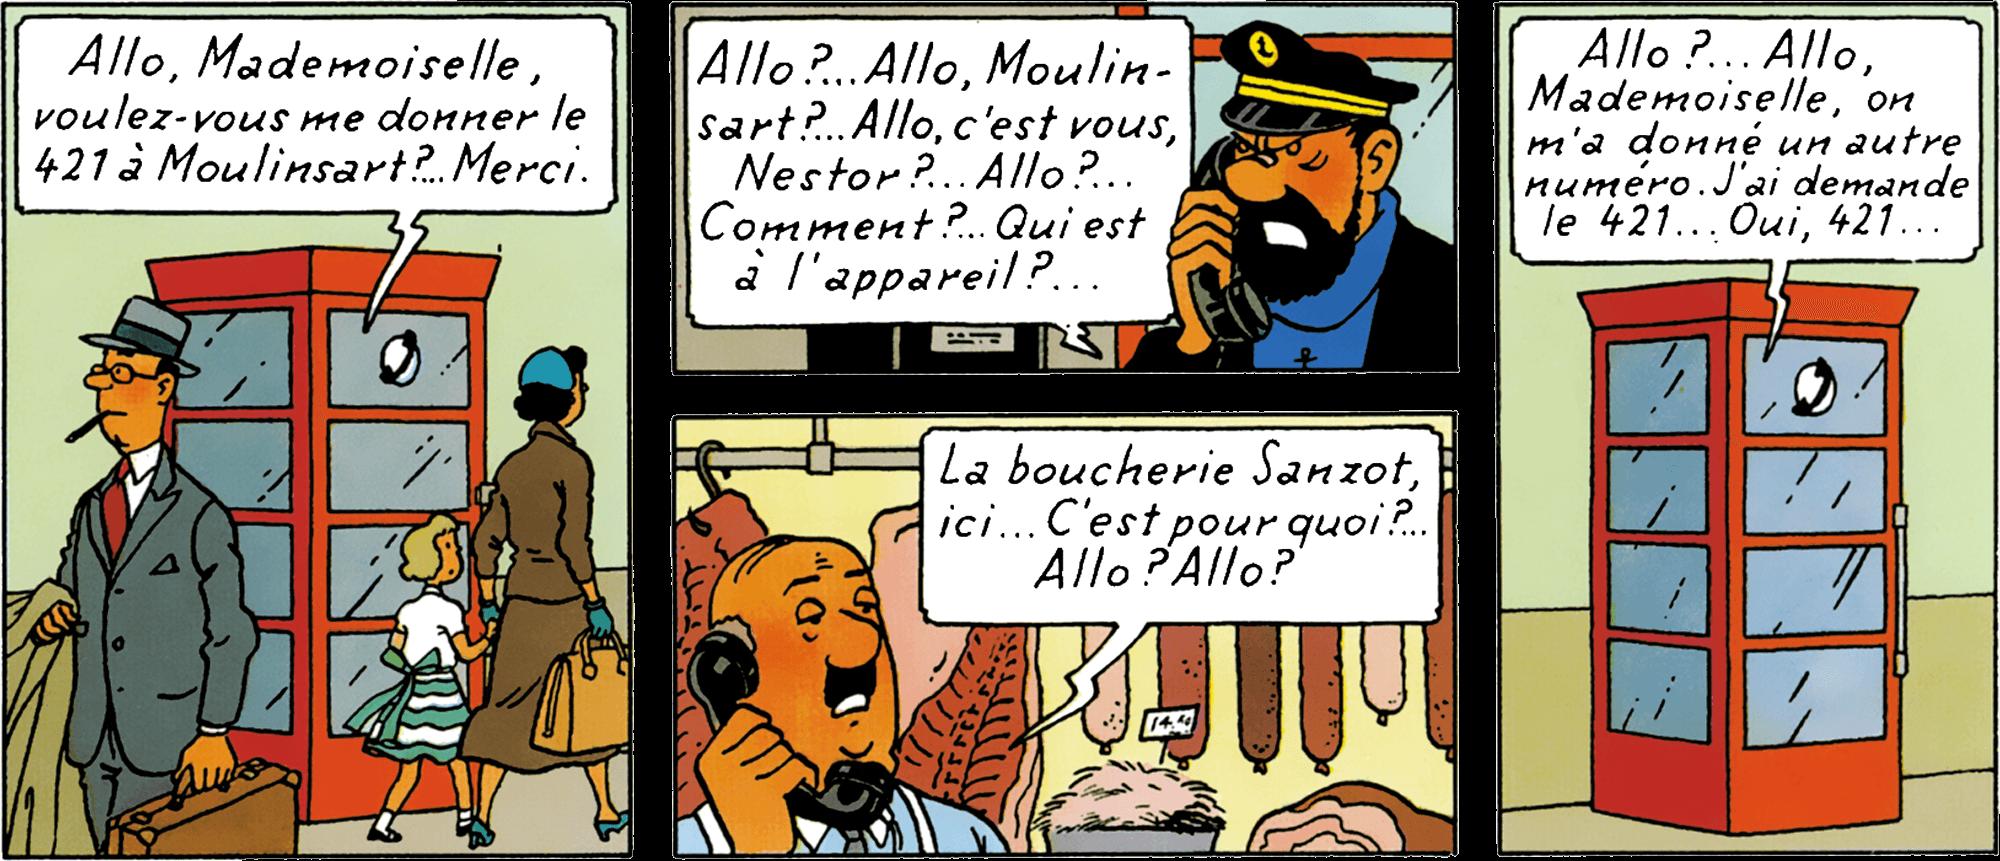 La boucherie Sanzot dans L'Affaire Tournesol